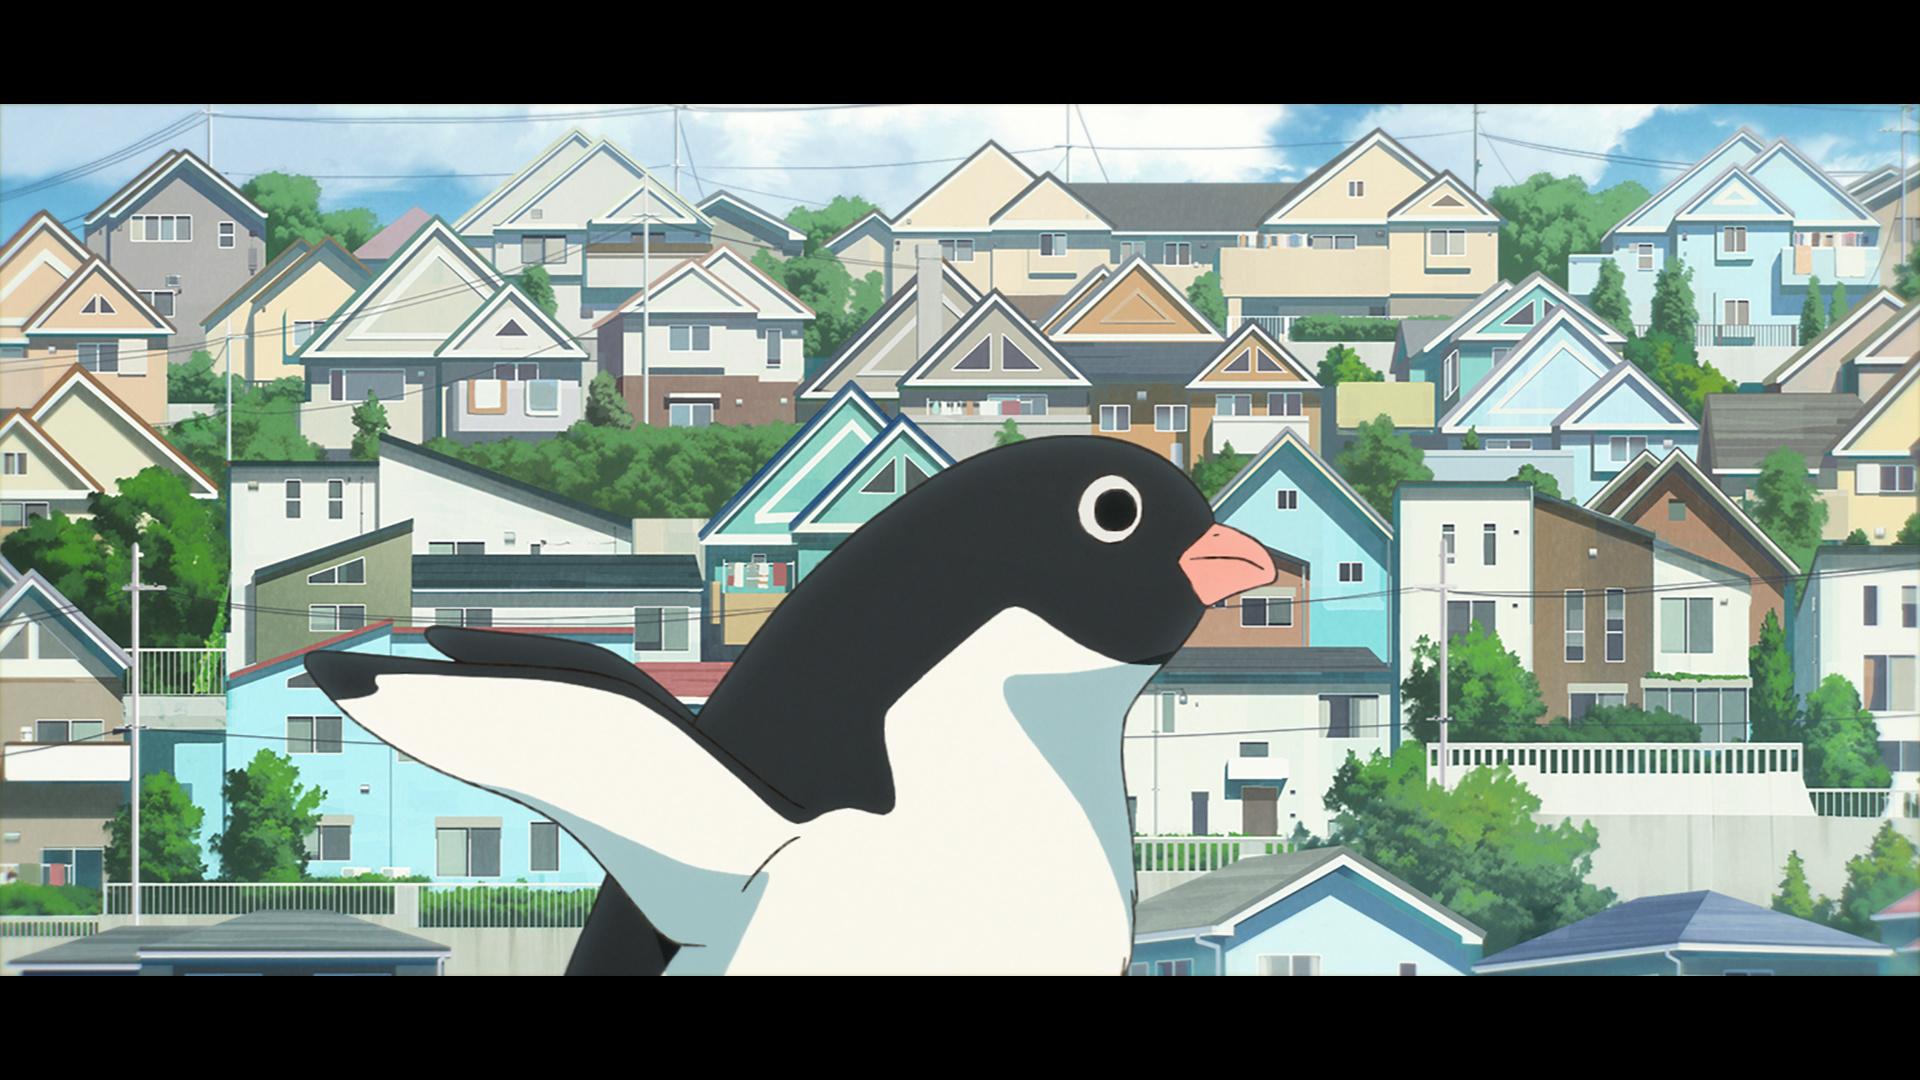 電影《企鵝公路》畫面和場景 Ph_s_012